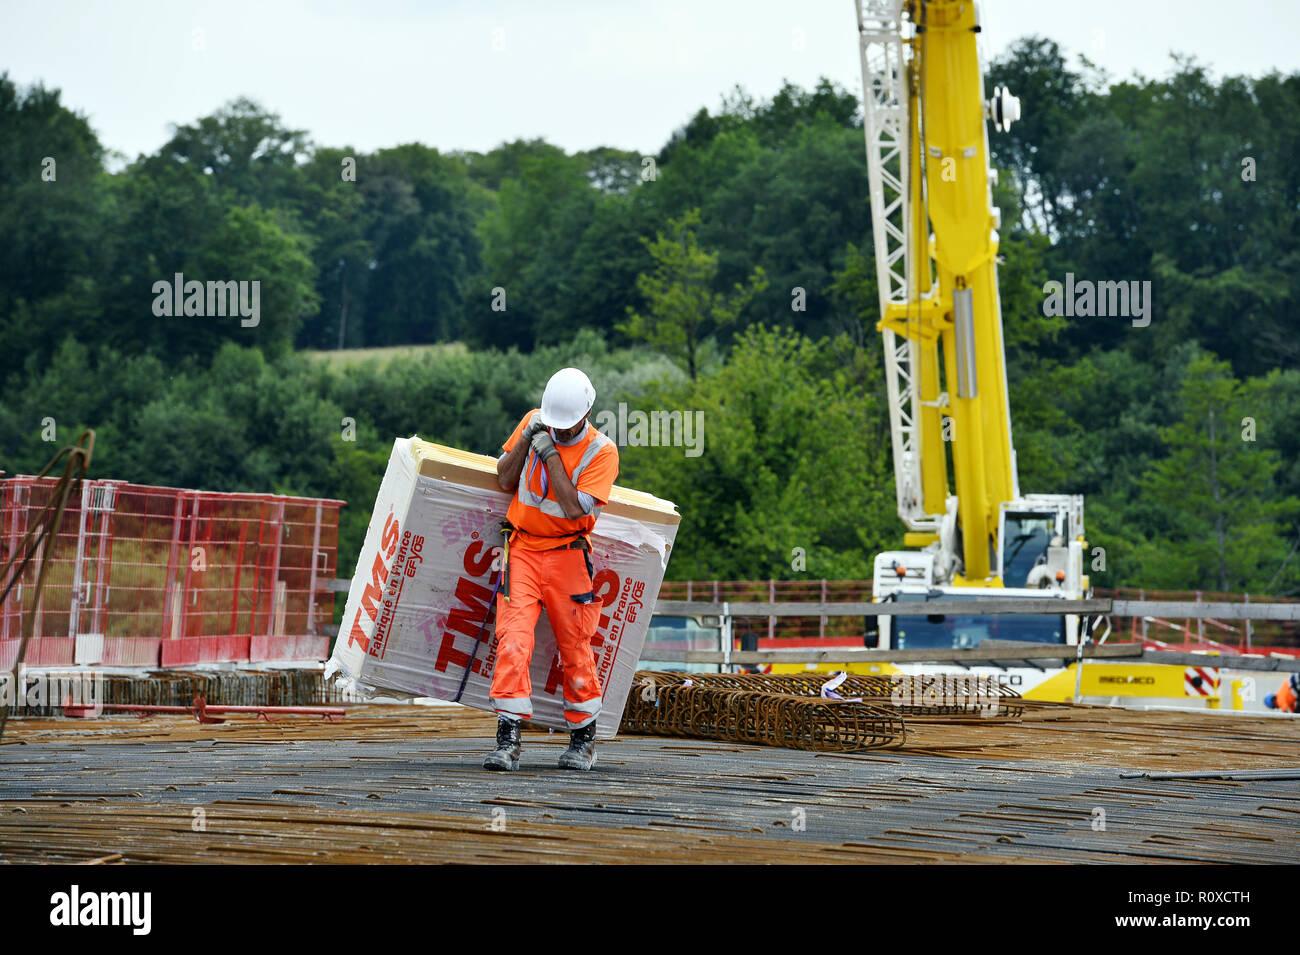 La mousse de polyuréthane Worker carrying - Lieu de travail - France Banque D'Images